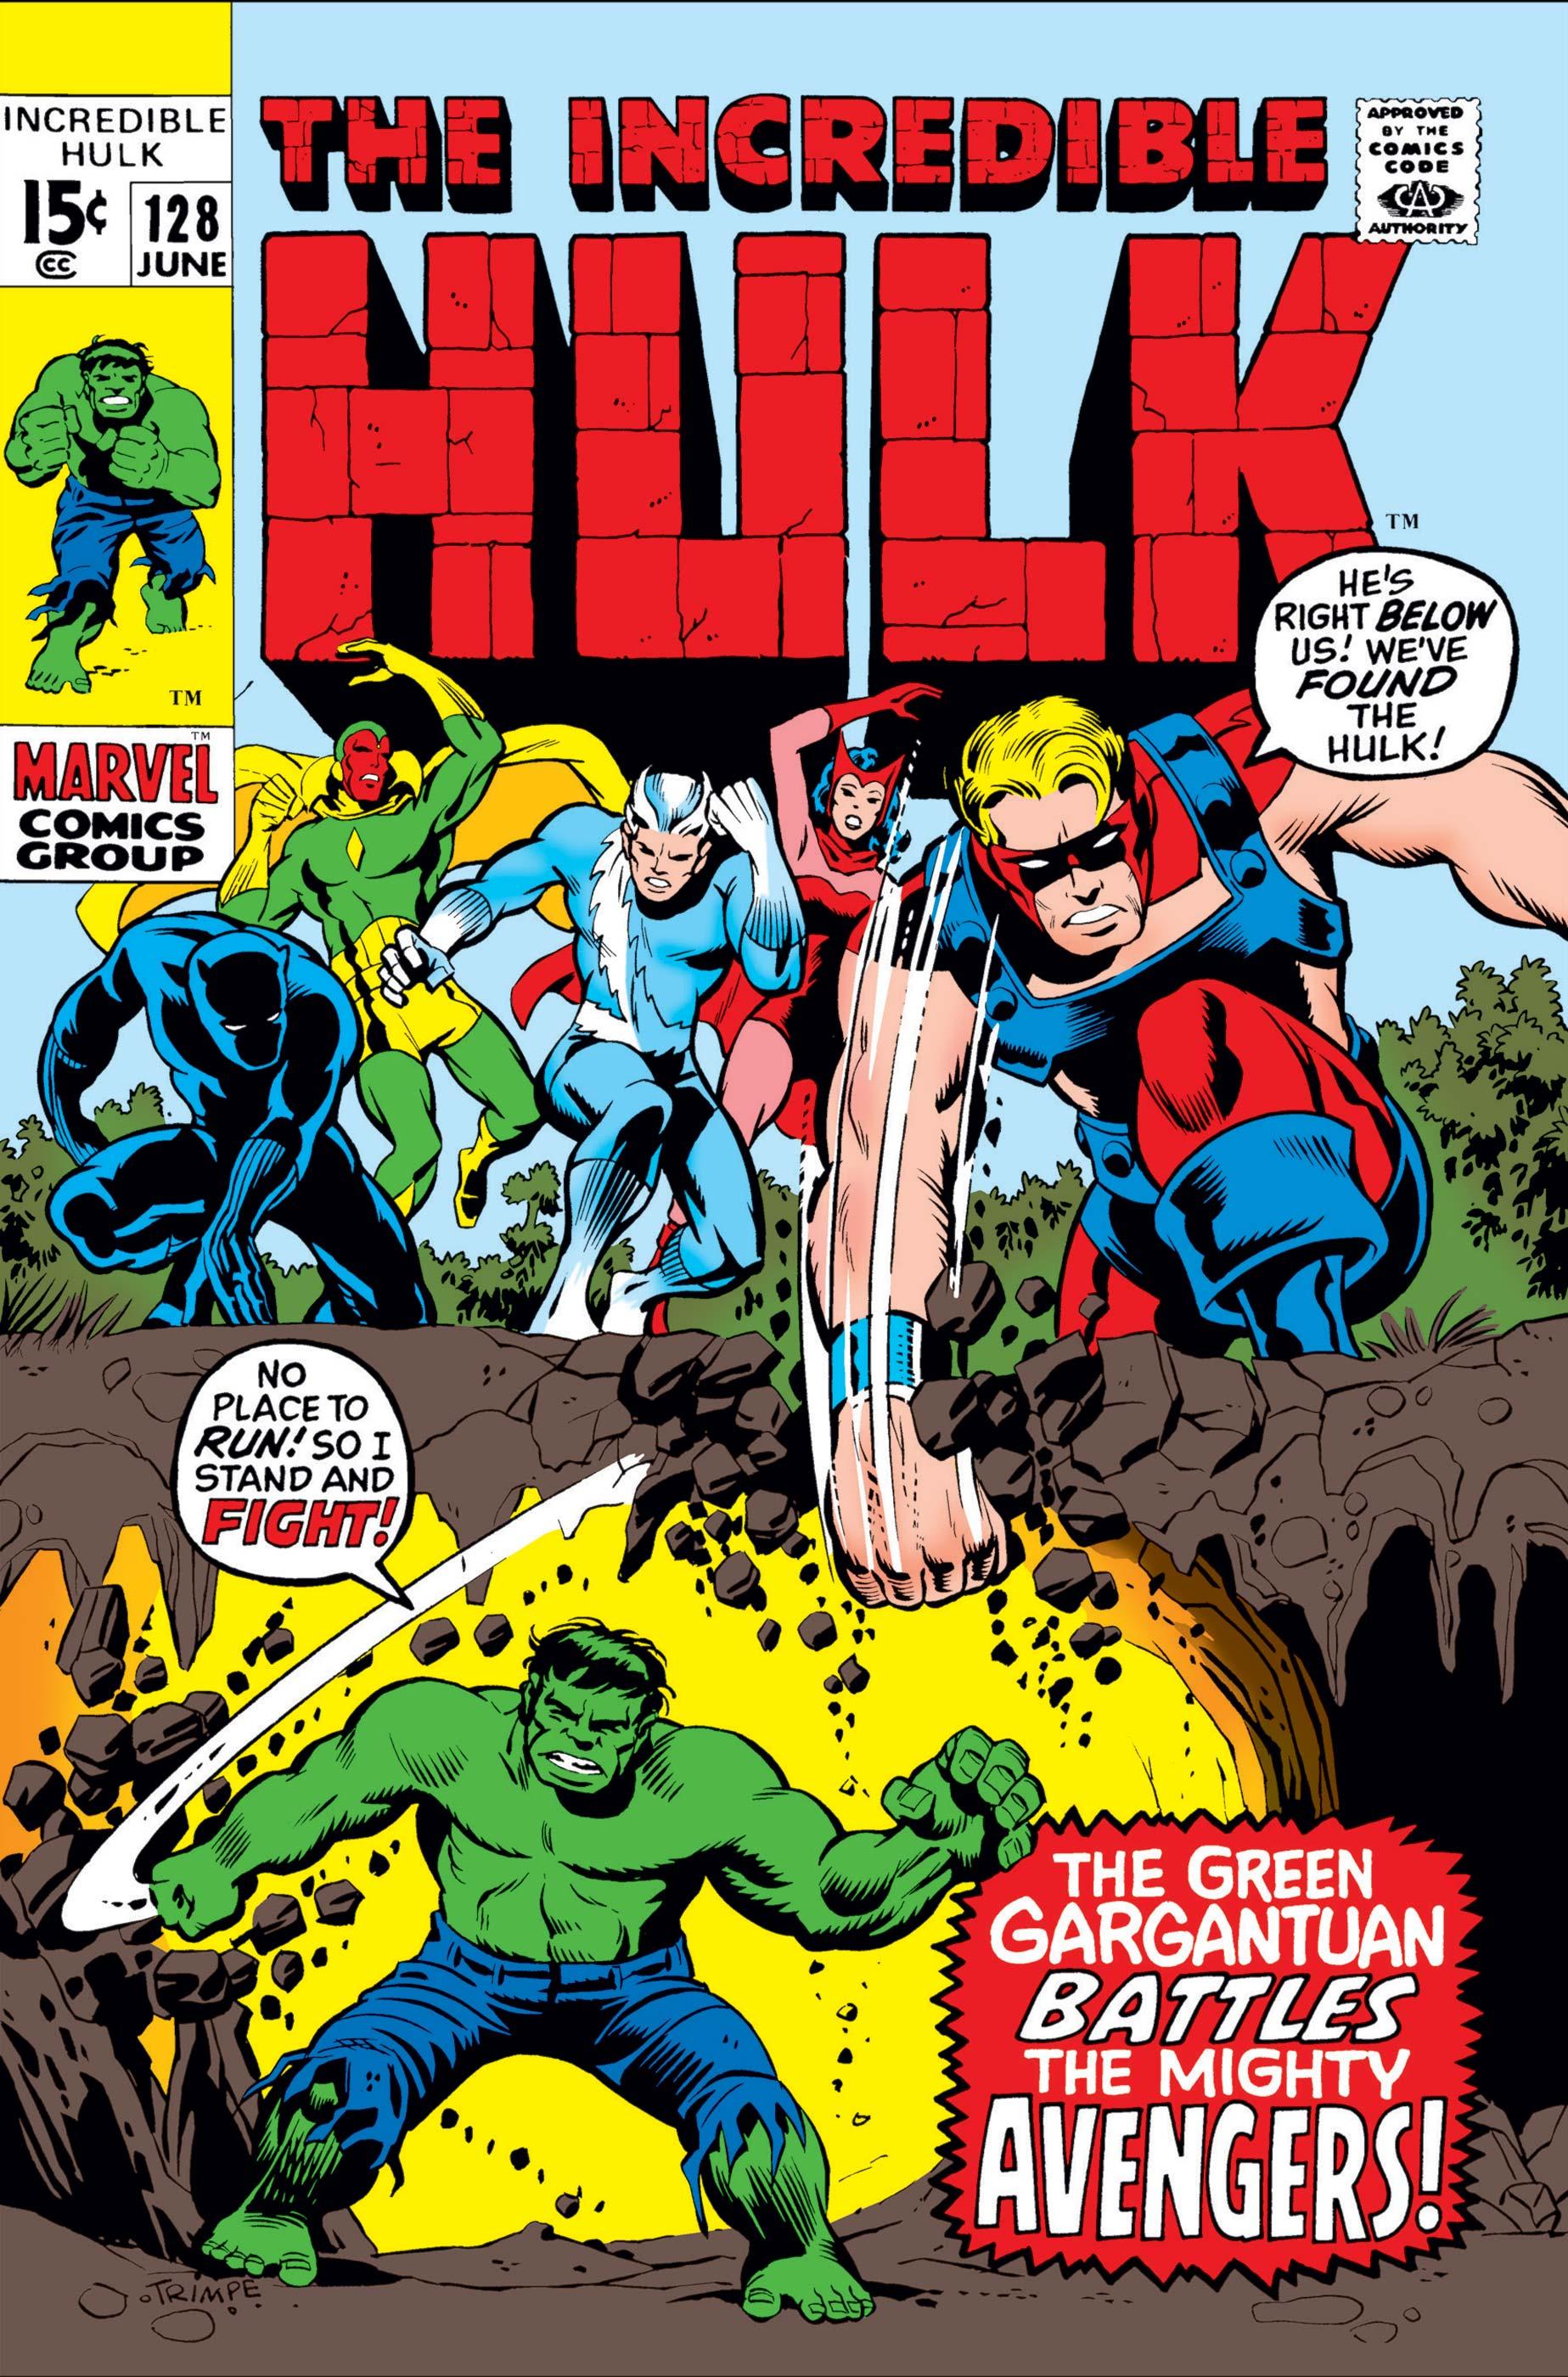 Incredible Hulk (1962) #128